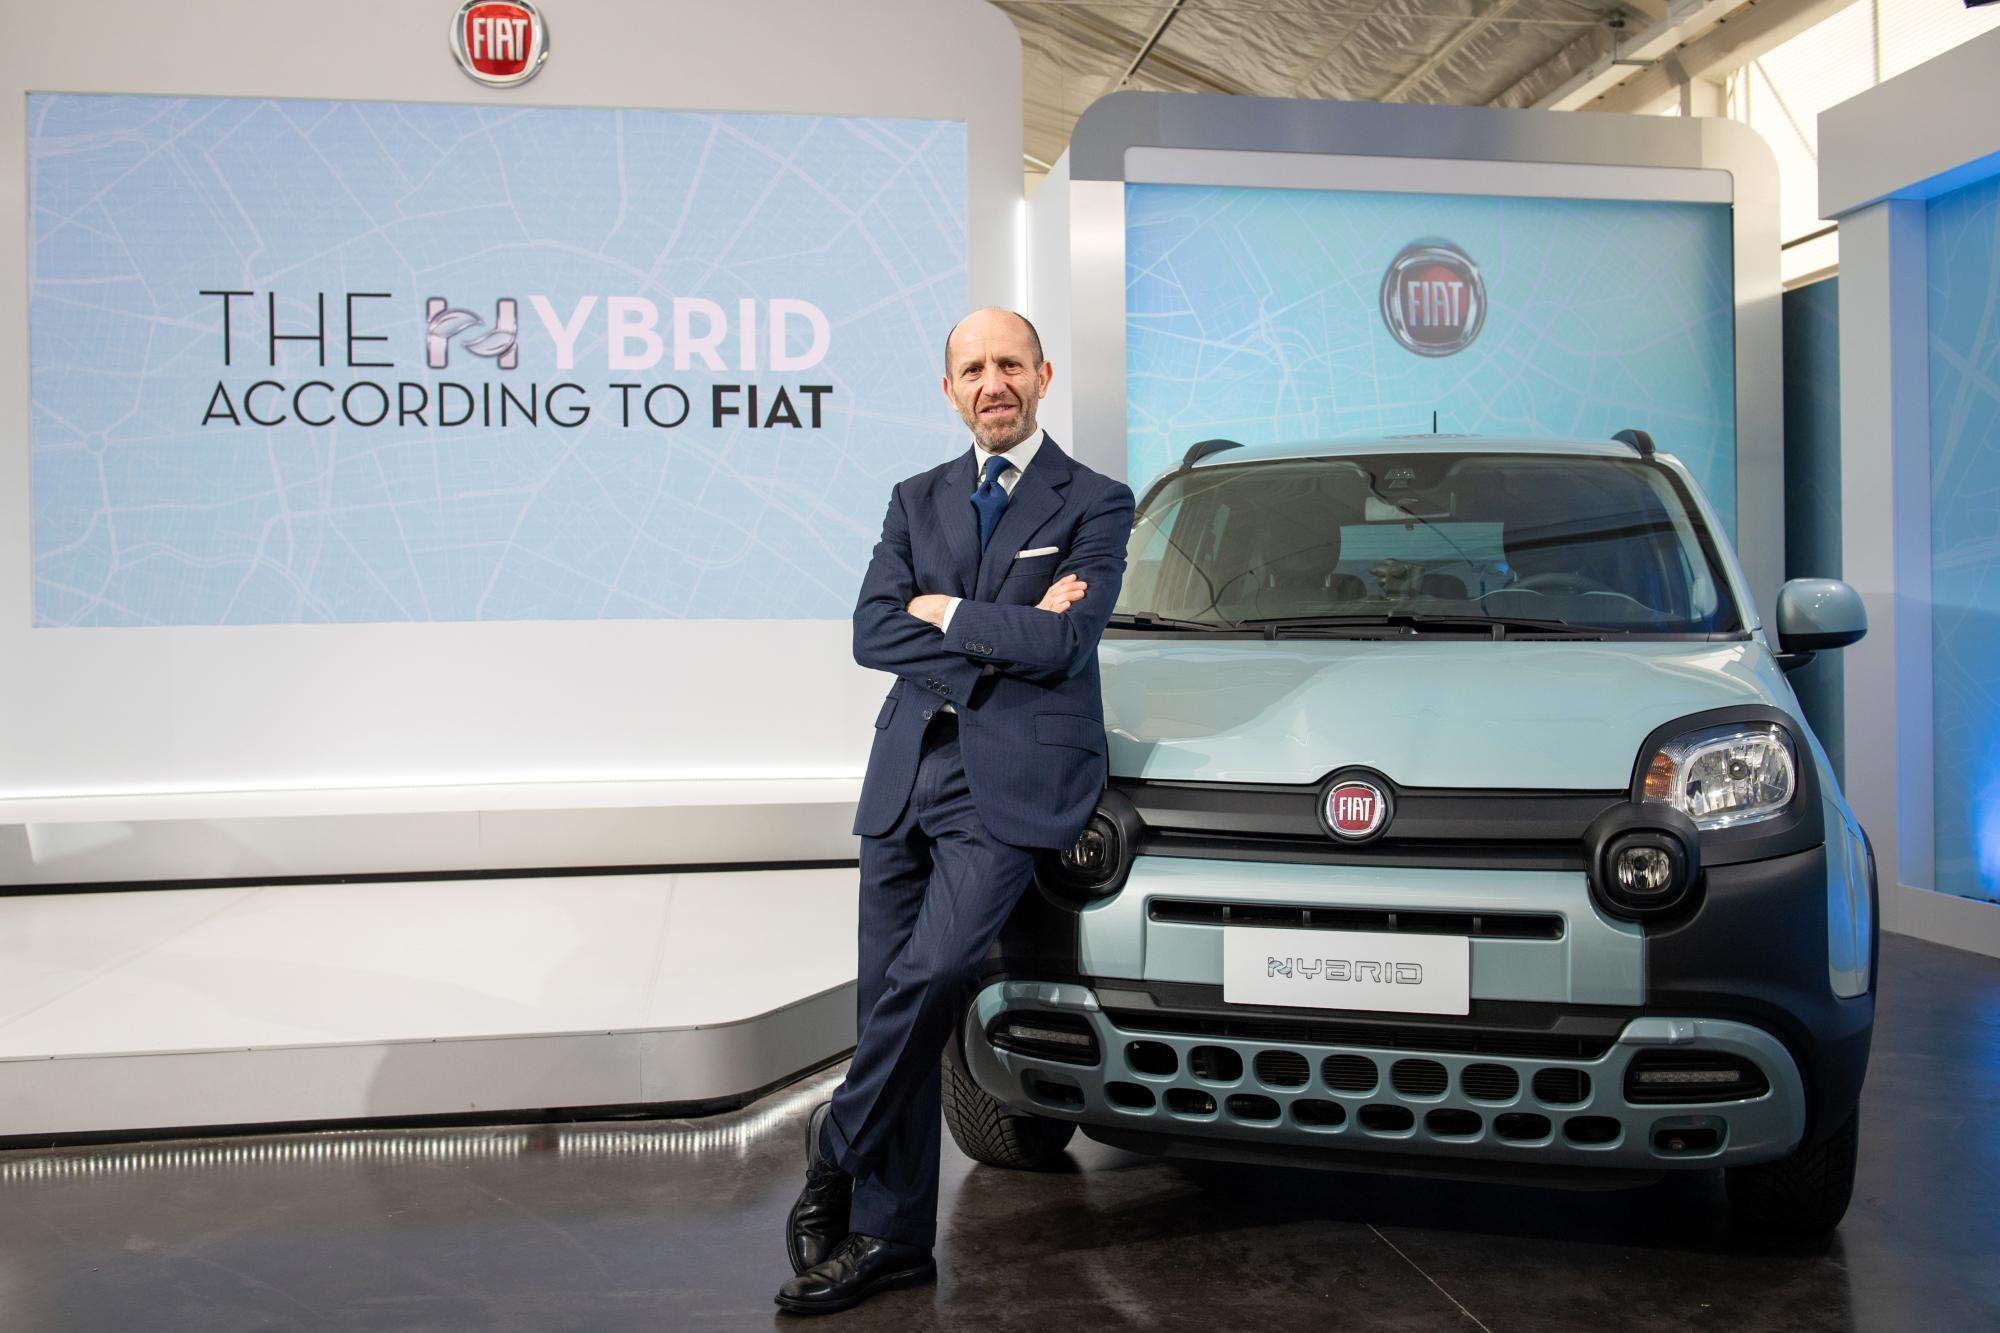 Ο Επικεφαλής των Fiat & Abarth δίνει απαντήσεις για την είσοδο στην εποχή της εξηλεκτρισμένης κίνησης.